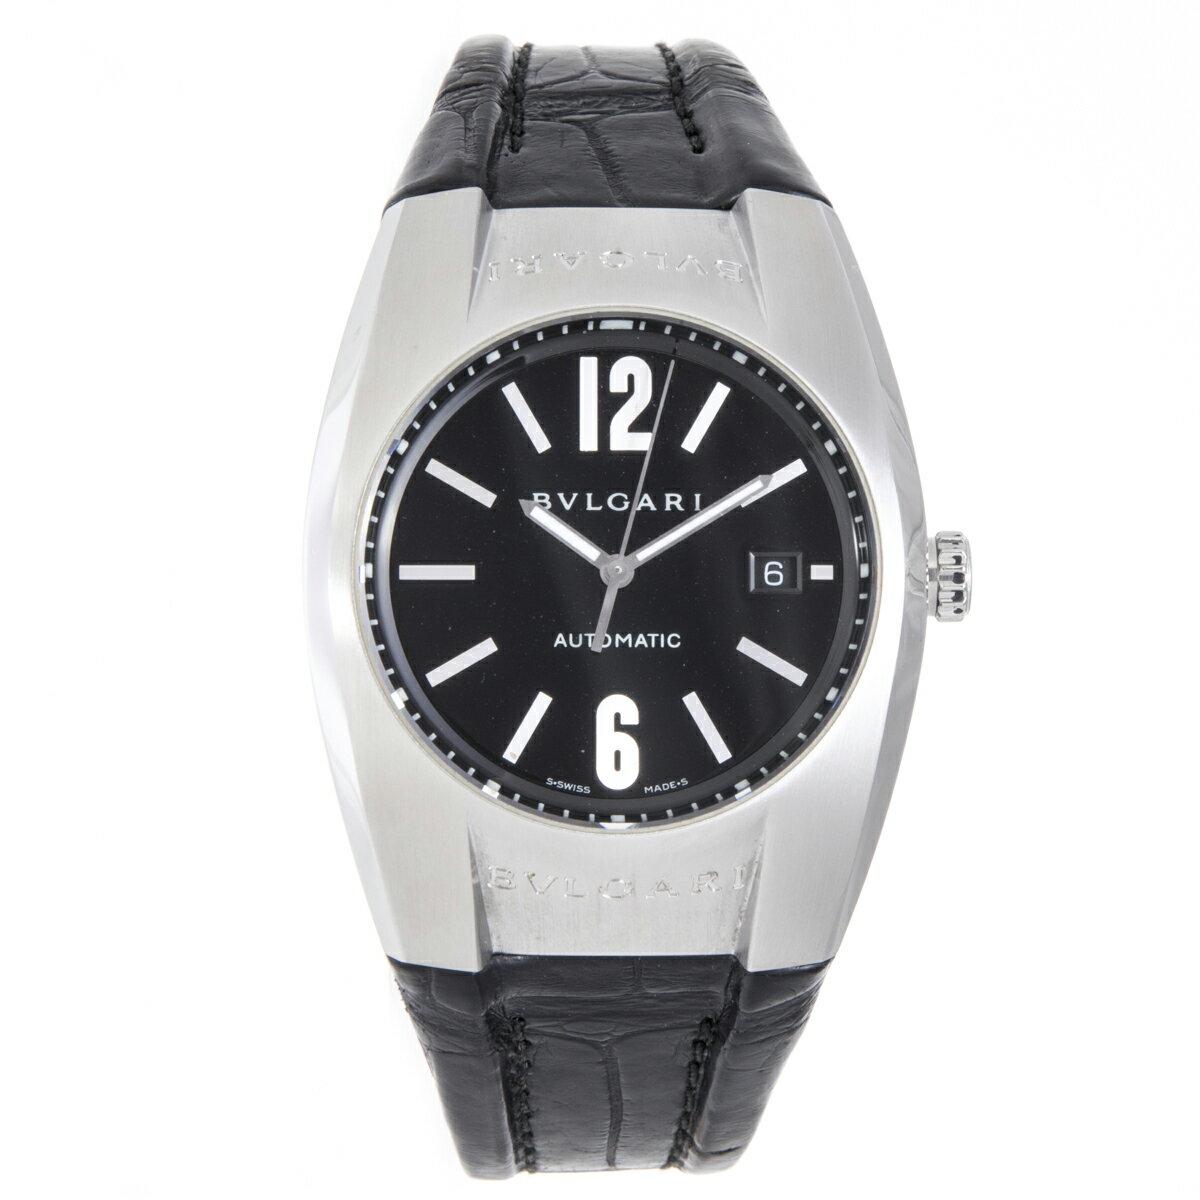 ブルガリ 時計 メンズ エルゴン EG40S 自動巻き SS 革ベルト BVLGARI